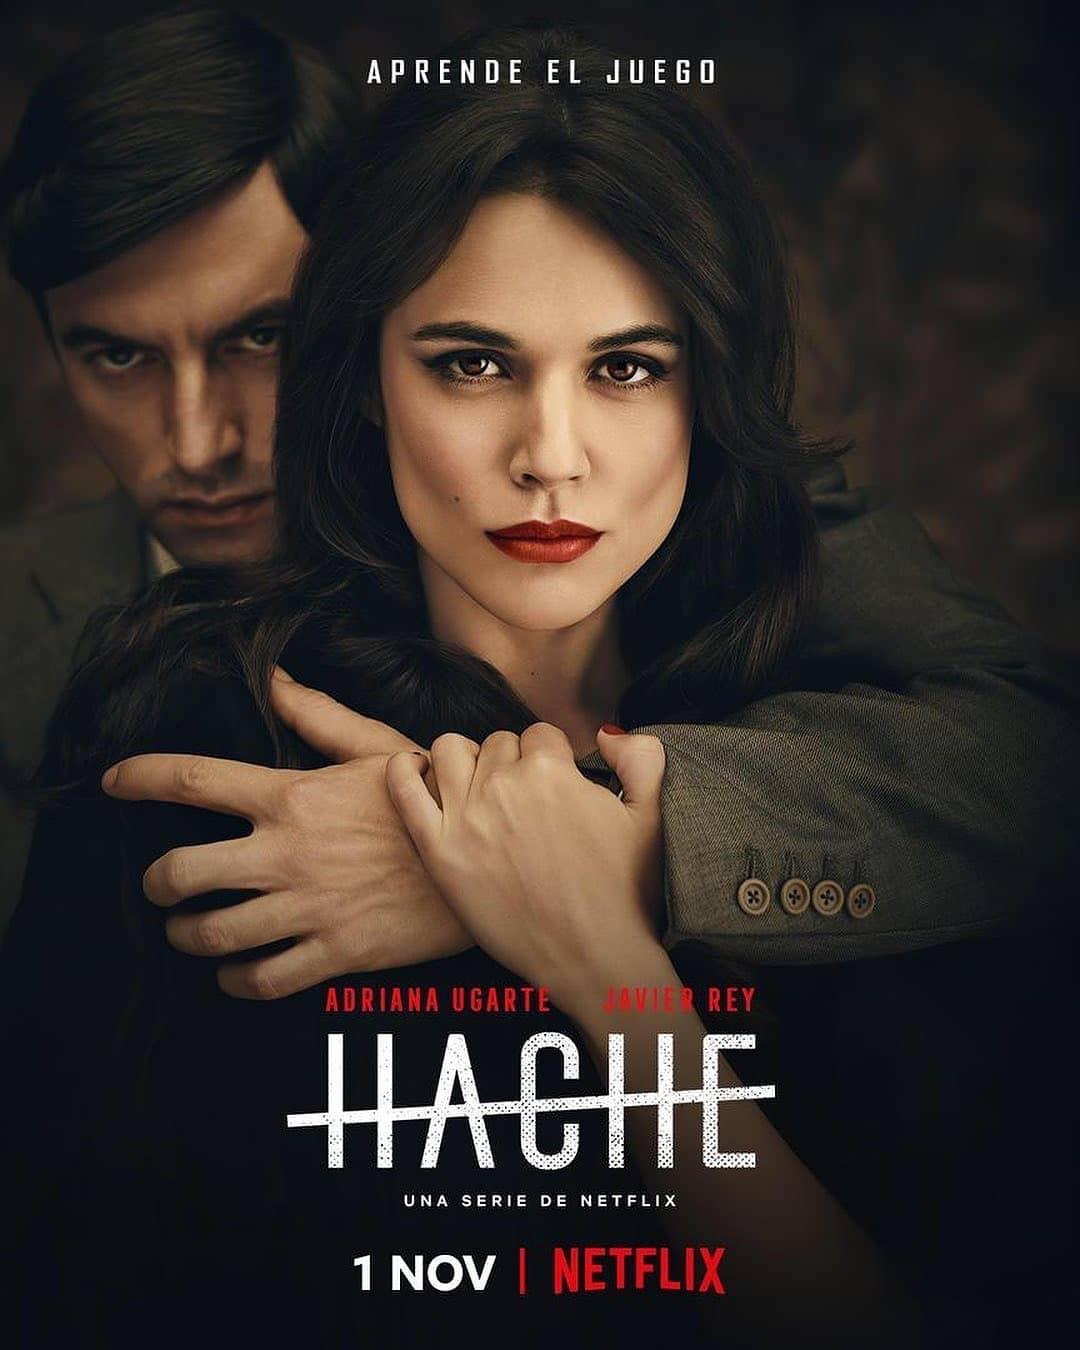 Helena Hache (1 Sezonas) / Hache Season 1